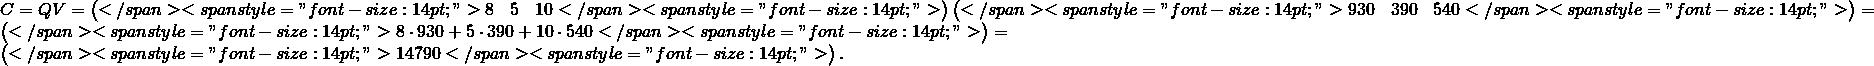 """C=QV=\begin{pmatrix}</span> <span style=""""font-size: 14pt;"""">8 &5 &10</span> <span style=""""font-size: 14pt;"""">\end{pmatrix}\begin{pmatrix}</span> <span style=""""font-size: 14pt;"""">930 &390 &540</span> <span style=""""font-size: 14pt;"""">\end{pmatrix}=\begin{pmatrix}</span> <span style=""""font-size: 14pt;"""">8\cdot 930+5\cdot 390+10\cdot 540</span> <span style=""""font-size: 14pt;"""">\end{pmatrix}=\begin{pmatrix}</span> <span style=""""font-size: 14pt;"""">14790</span> <span style=""""font-size: 14pt;"""">\end{pmatrix}."""